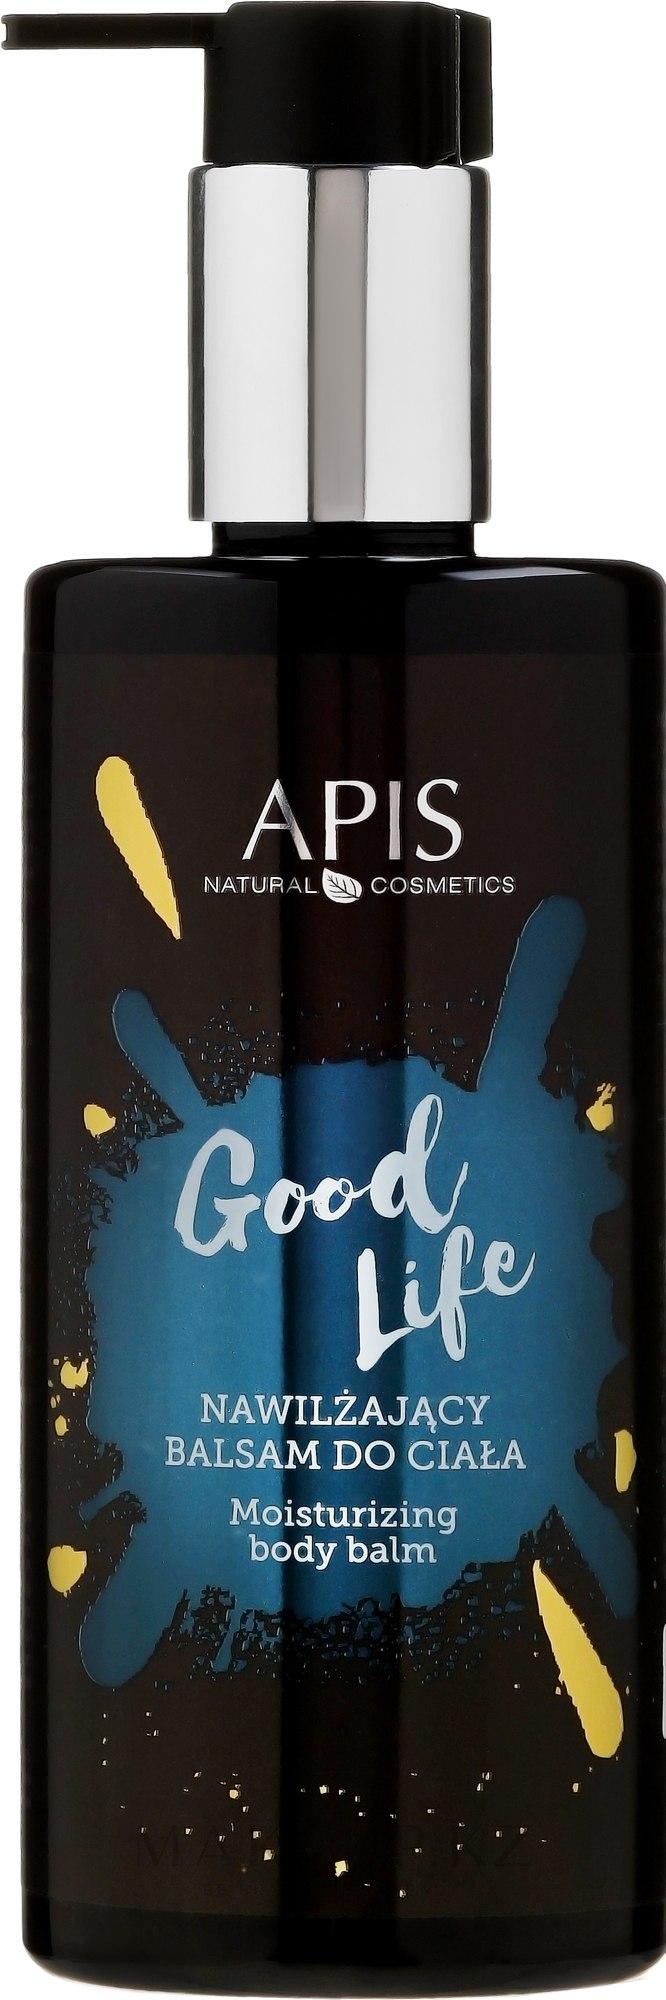 Увлажняющий лосьон для тела - APIS Professional Good Life — фото 300 ml